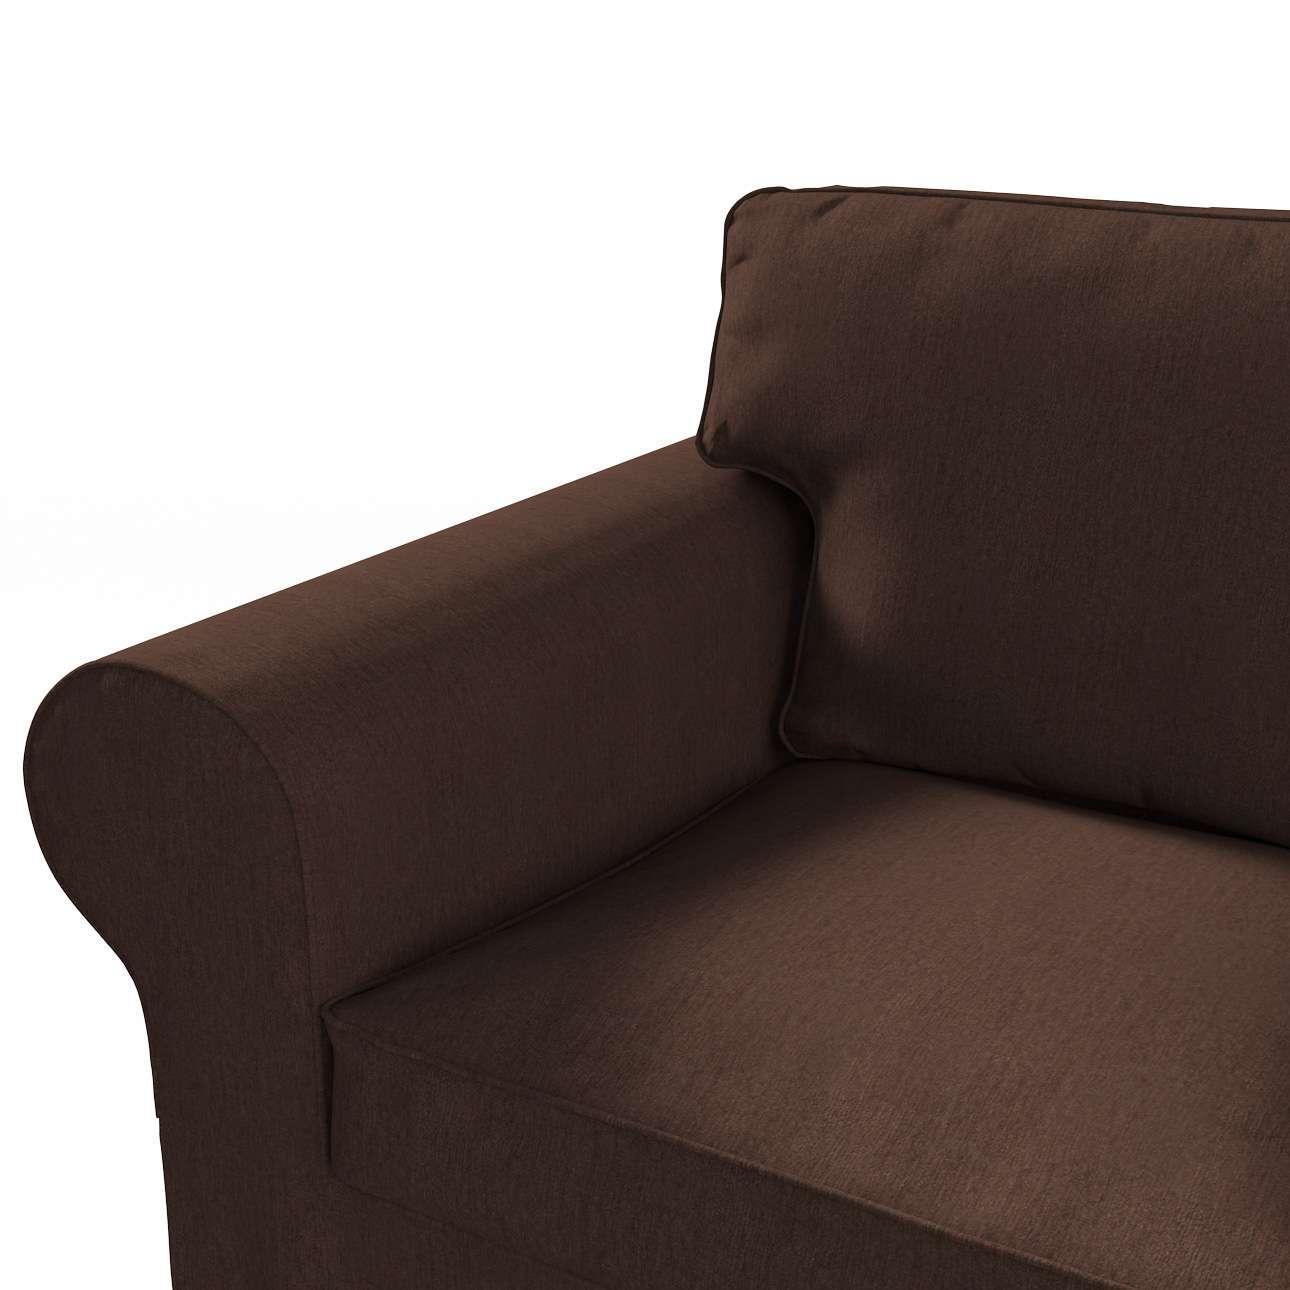 Ektorp trivietės sofos-lovos užvalkalas Ektorp trivietė sofa-lova kolekcijoje Chenille, audinys: 702-18